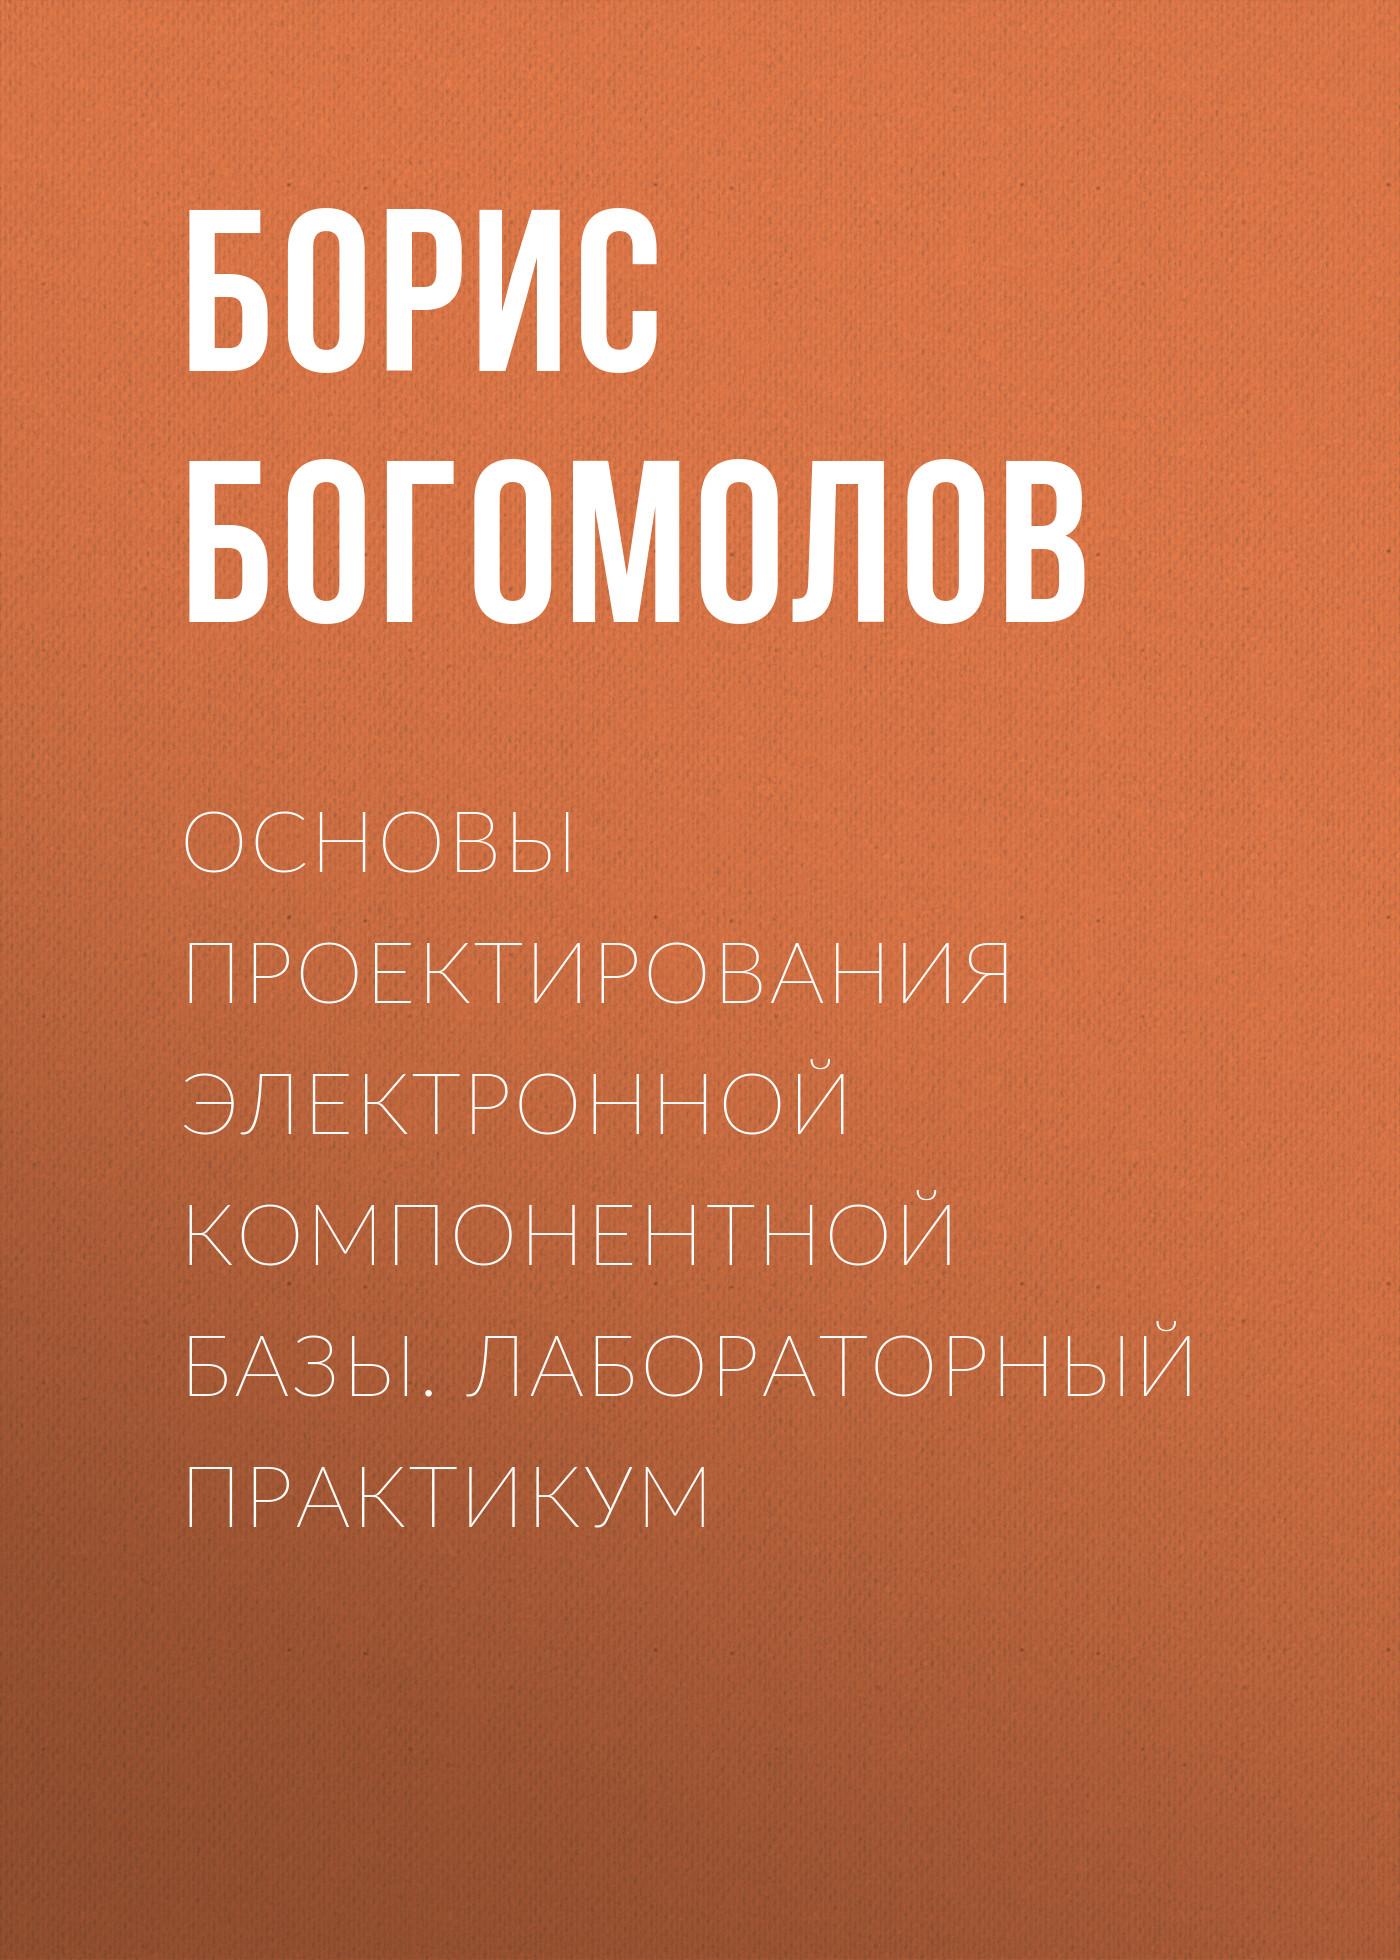 Борис Богомолов Основы проектирования электронной компонентной базы. Лабораторный практикум